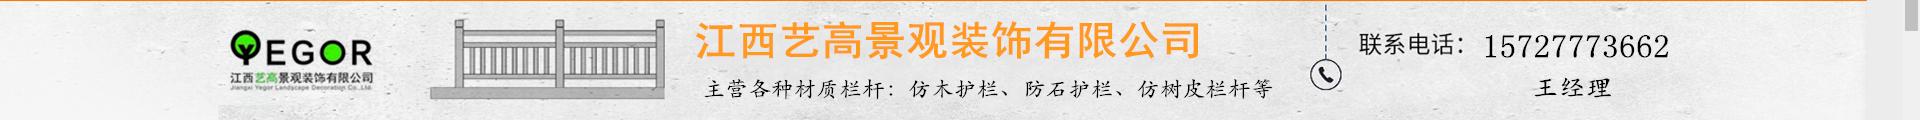 江西艺高景观装饰有限公司